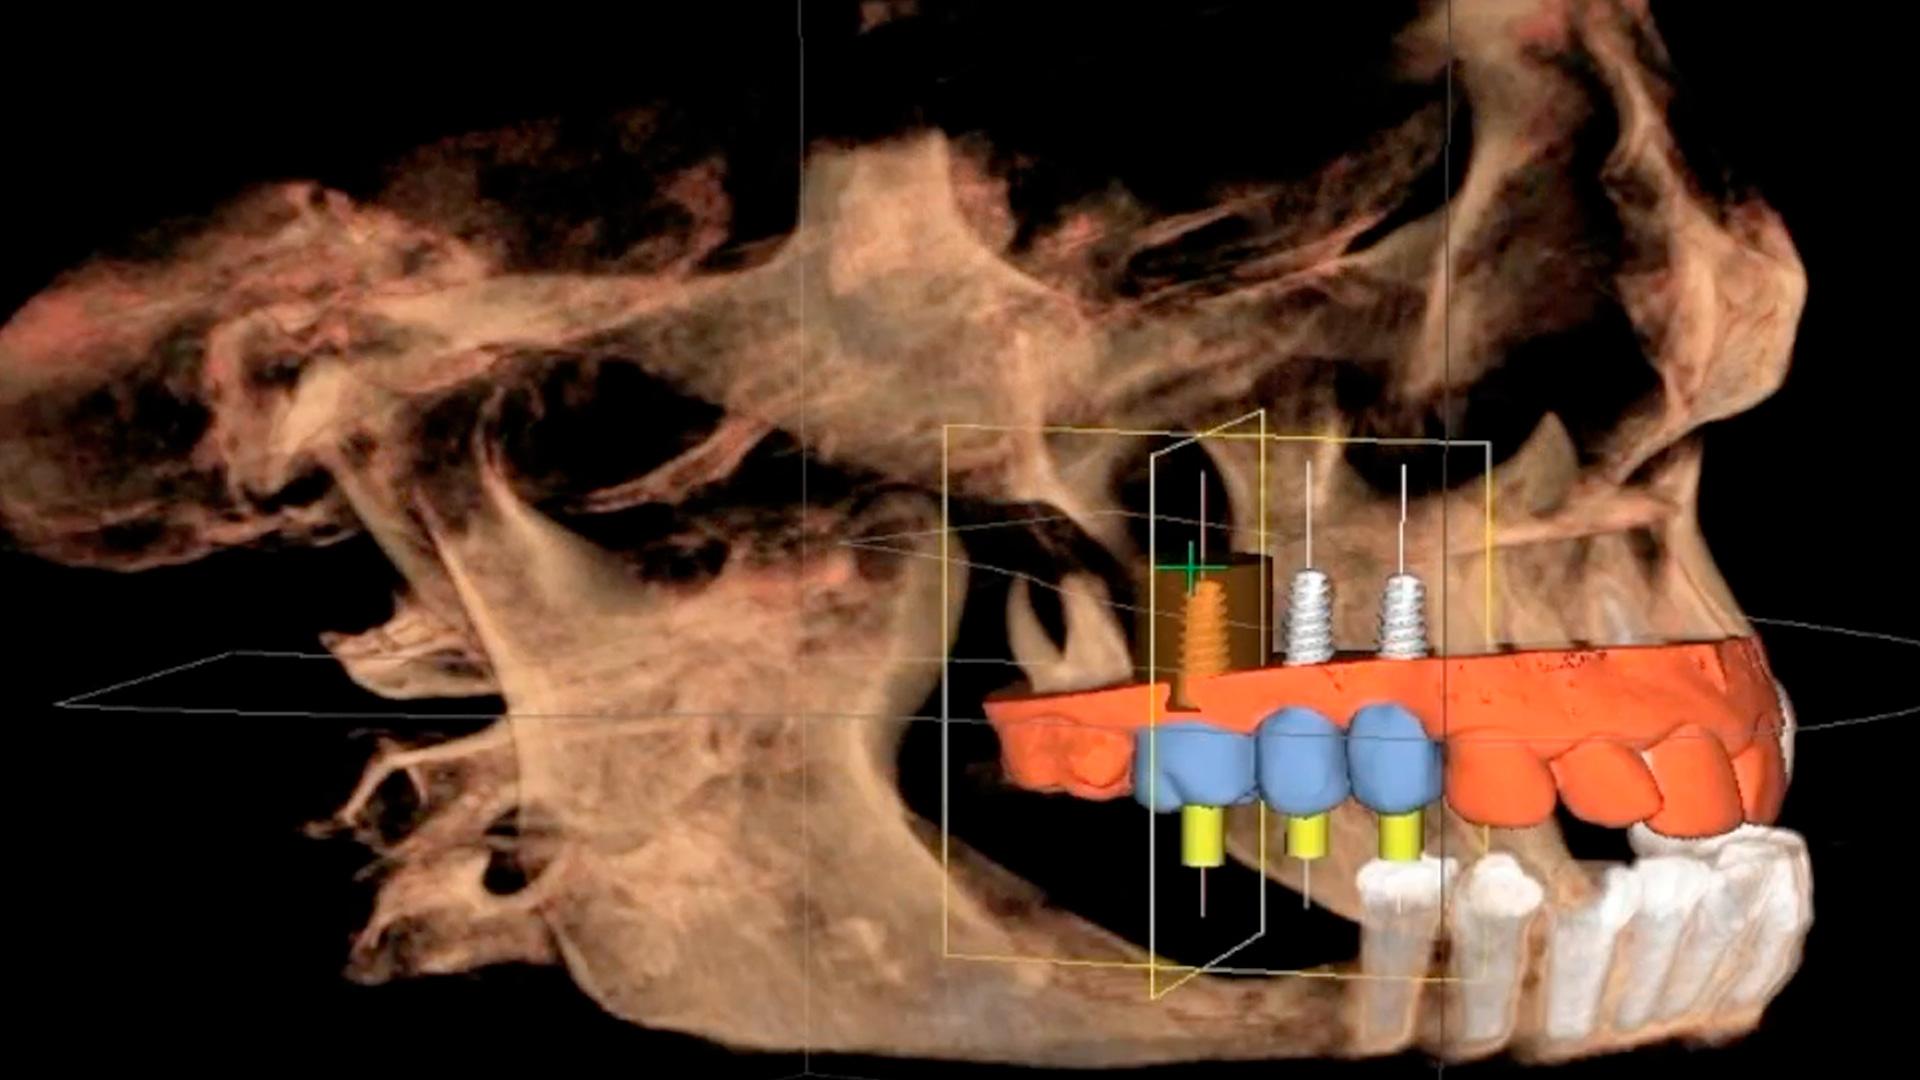 En esta Masterclass <b>Odontología digital: la clave para la diferenciación</b>, impartida por el doctor Carlos Barrado, analizaremos un tema que cada vez consideramos más importante: la <b>odontología digital</b> como herramienta para la diferenciación. <br /><br />  La digitalización de la clínica dental nos permite trabajar de forma óptima en la atención y el tratamiento de nuestros pacientes, ahondando en la excelencia. La <b>odontología digital</b> nos permite trabajar con un flujo de trabajo más rápido y preciso. Gracias a esta Masterclass, <b>Odontología digital: la clave para la diferenciación</b>, podrás conocer y profundizar en las últimas tecnologías en <b>odontología digital</b>. Conocer a fondo estas tecnologías te facilitará tu trabajo como odontólogo obteniendo mejores resultados en todos los tratamientos de tu clínica dental. <br /><br /> Todas nuestras Masterclass están impartidas por los mayores expertos en odontología. Gracias a nuestra Masterclass<b>Odontología digital: la clave para la diferenciación</b>y otras como esta, que forman parte de la serie<b>Nuevas tecnologías en implantología</b>, podrás desarrollar y actualizar tus conocimientos sobre las tecnologías más avanzadas en diagnóstico y cirugía odontológica, alcanzando diferentes campos de la <b>odontología digital</b>, alcanzando una formación avanzada y permitiéndote profundizar enlos aspectos a tener en cuenta en la colocación de implantes dentales con criterios científicos y de excelencia, abordando las últimas tendencias y técnicas más actuales en el sector odontológico. <br /><br /> Desde Knotgroup Dental Institute te invitamos a que explores a través de nuestra web y encuentres otras masterclass como <b>Odontología digital: la clave para la diferenciación</b>para actualizar tus conocimientos y aplicarlos a tu clínica dental, así como la amplia gama de cursos que ofrecemos también sobre <b>odontología digital</b>, impartidos por los mejores profesionales en odontología. <br /><br />